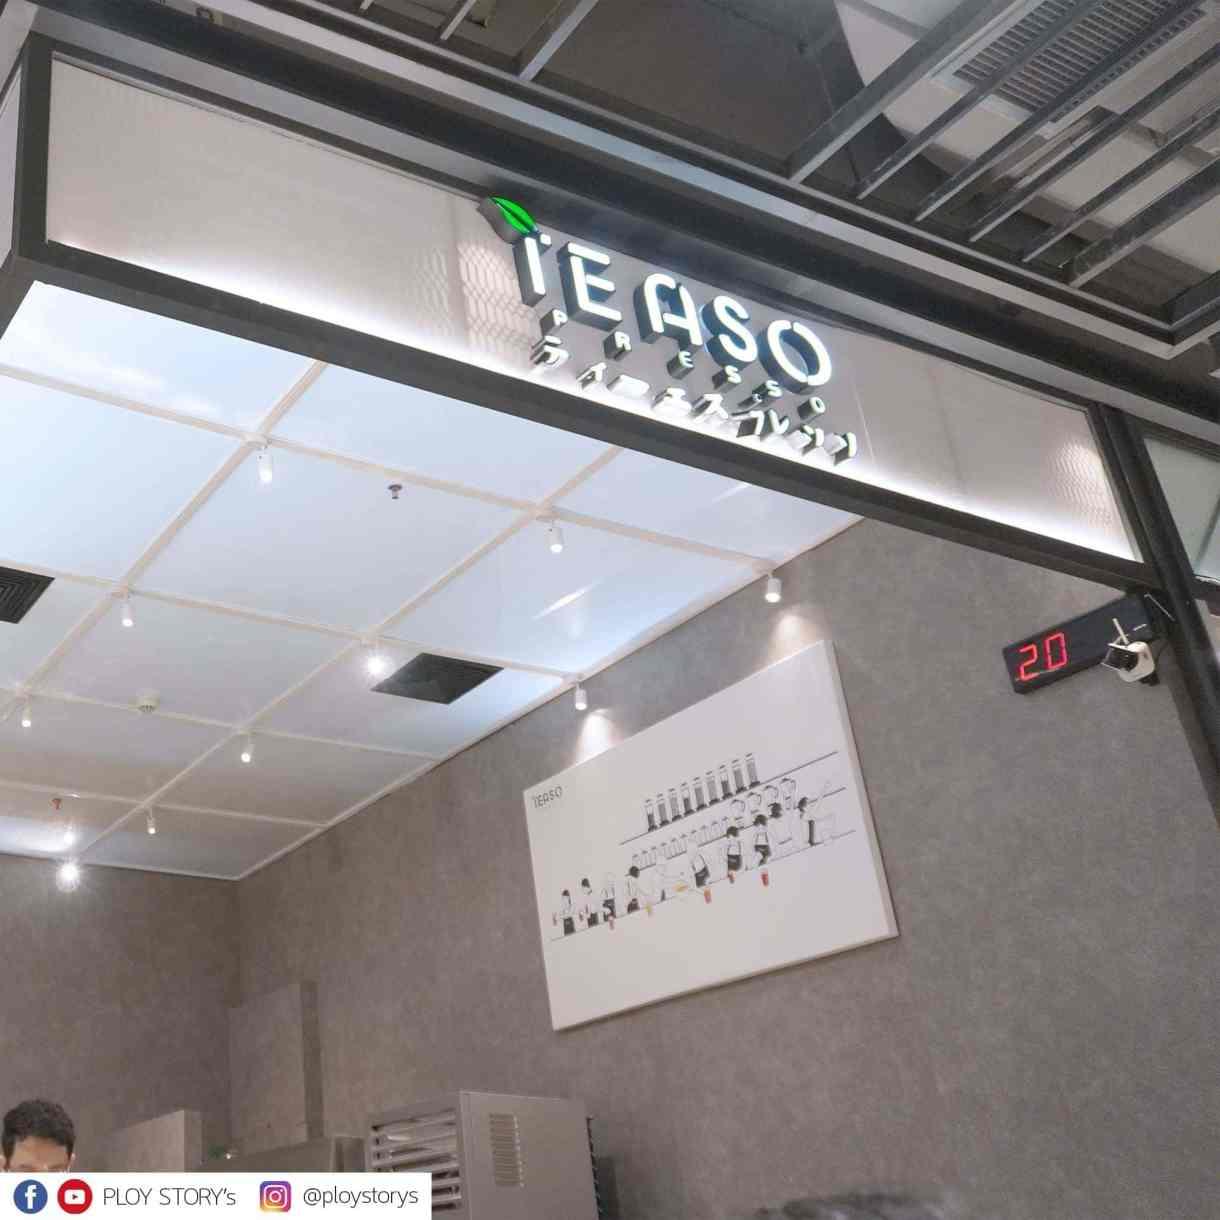 - รีวิวร้านชา TEASO สวรรค์ของคนรักชา ต้นตำรับจากฮ่องกง คนลดน้ำหนักกินได้แบบไม่รู้สึกผิด